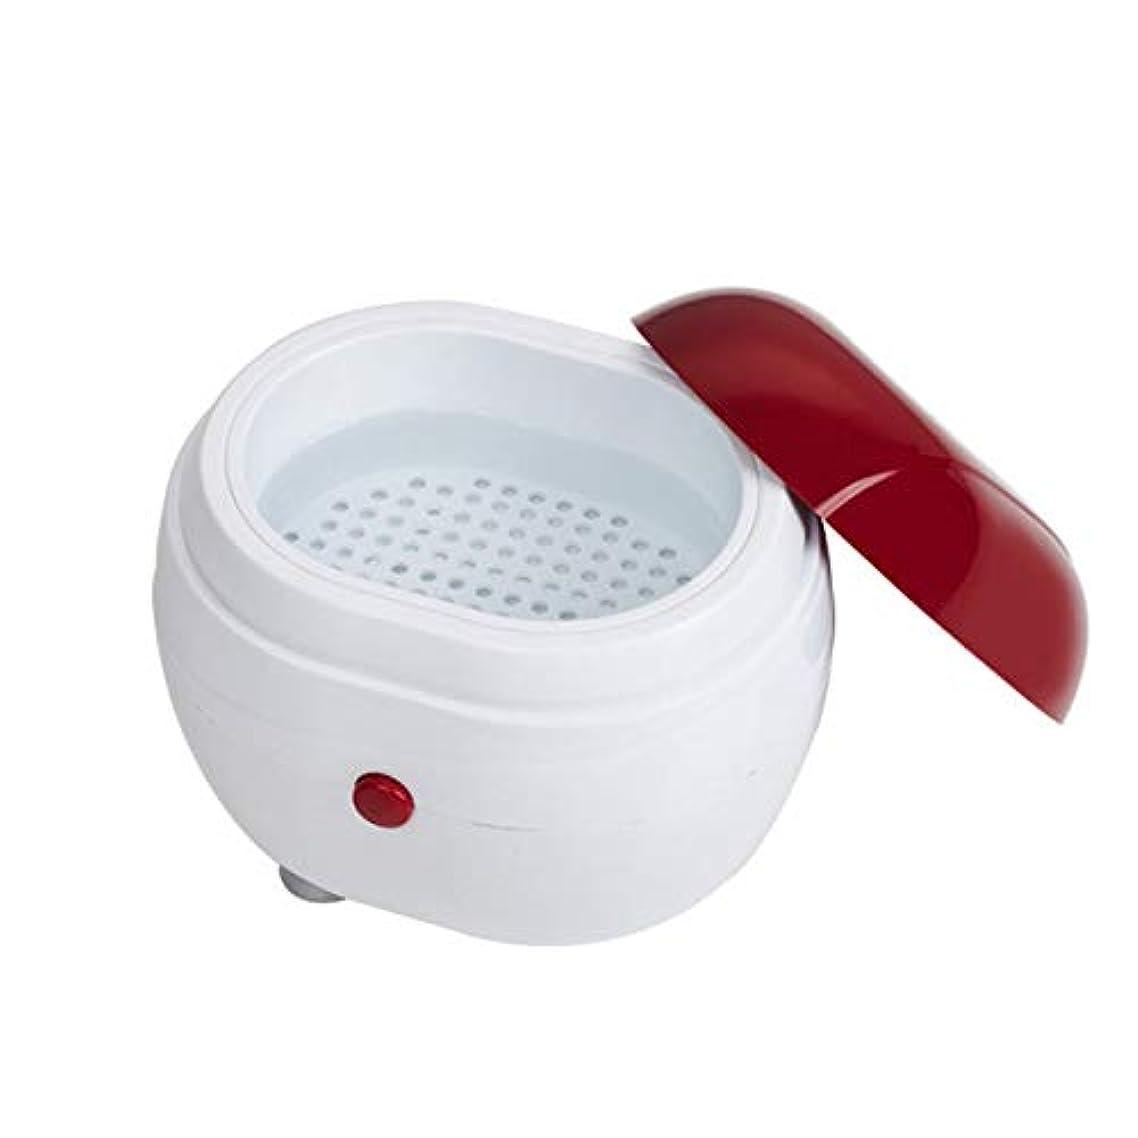 格納大使館からポータブル超音波洗濯機家庭用ジュエリーレンズ時計入れ歯クリーニング機洗濯機クリーナークリーニングボックス - 赤&白